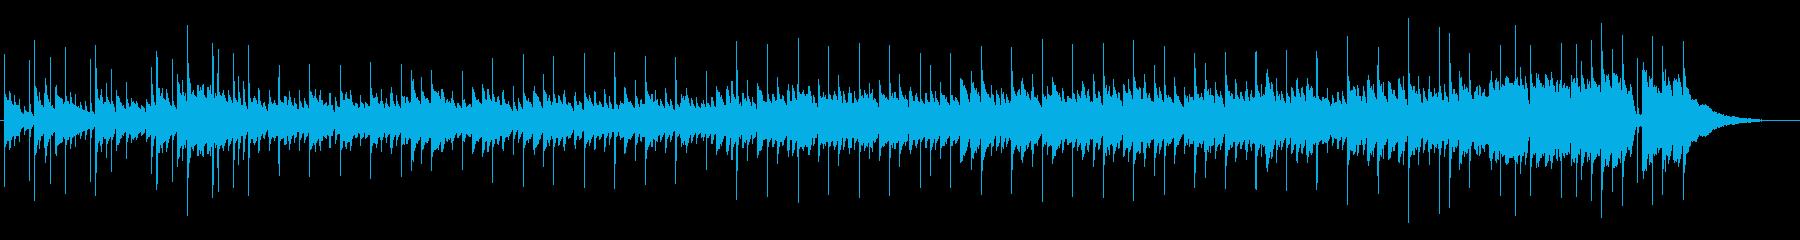 切ないピアノが奏でるセレナーデのワルツの再生済みの波形